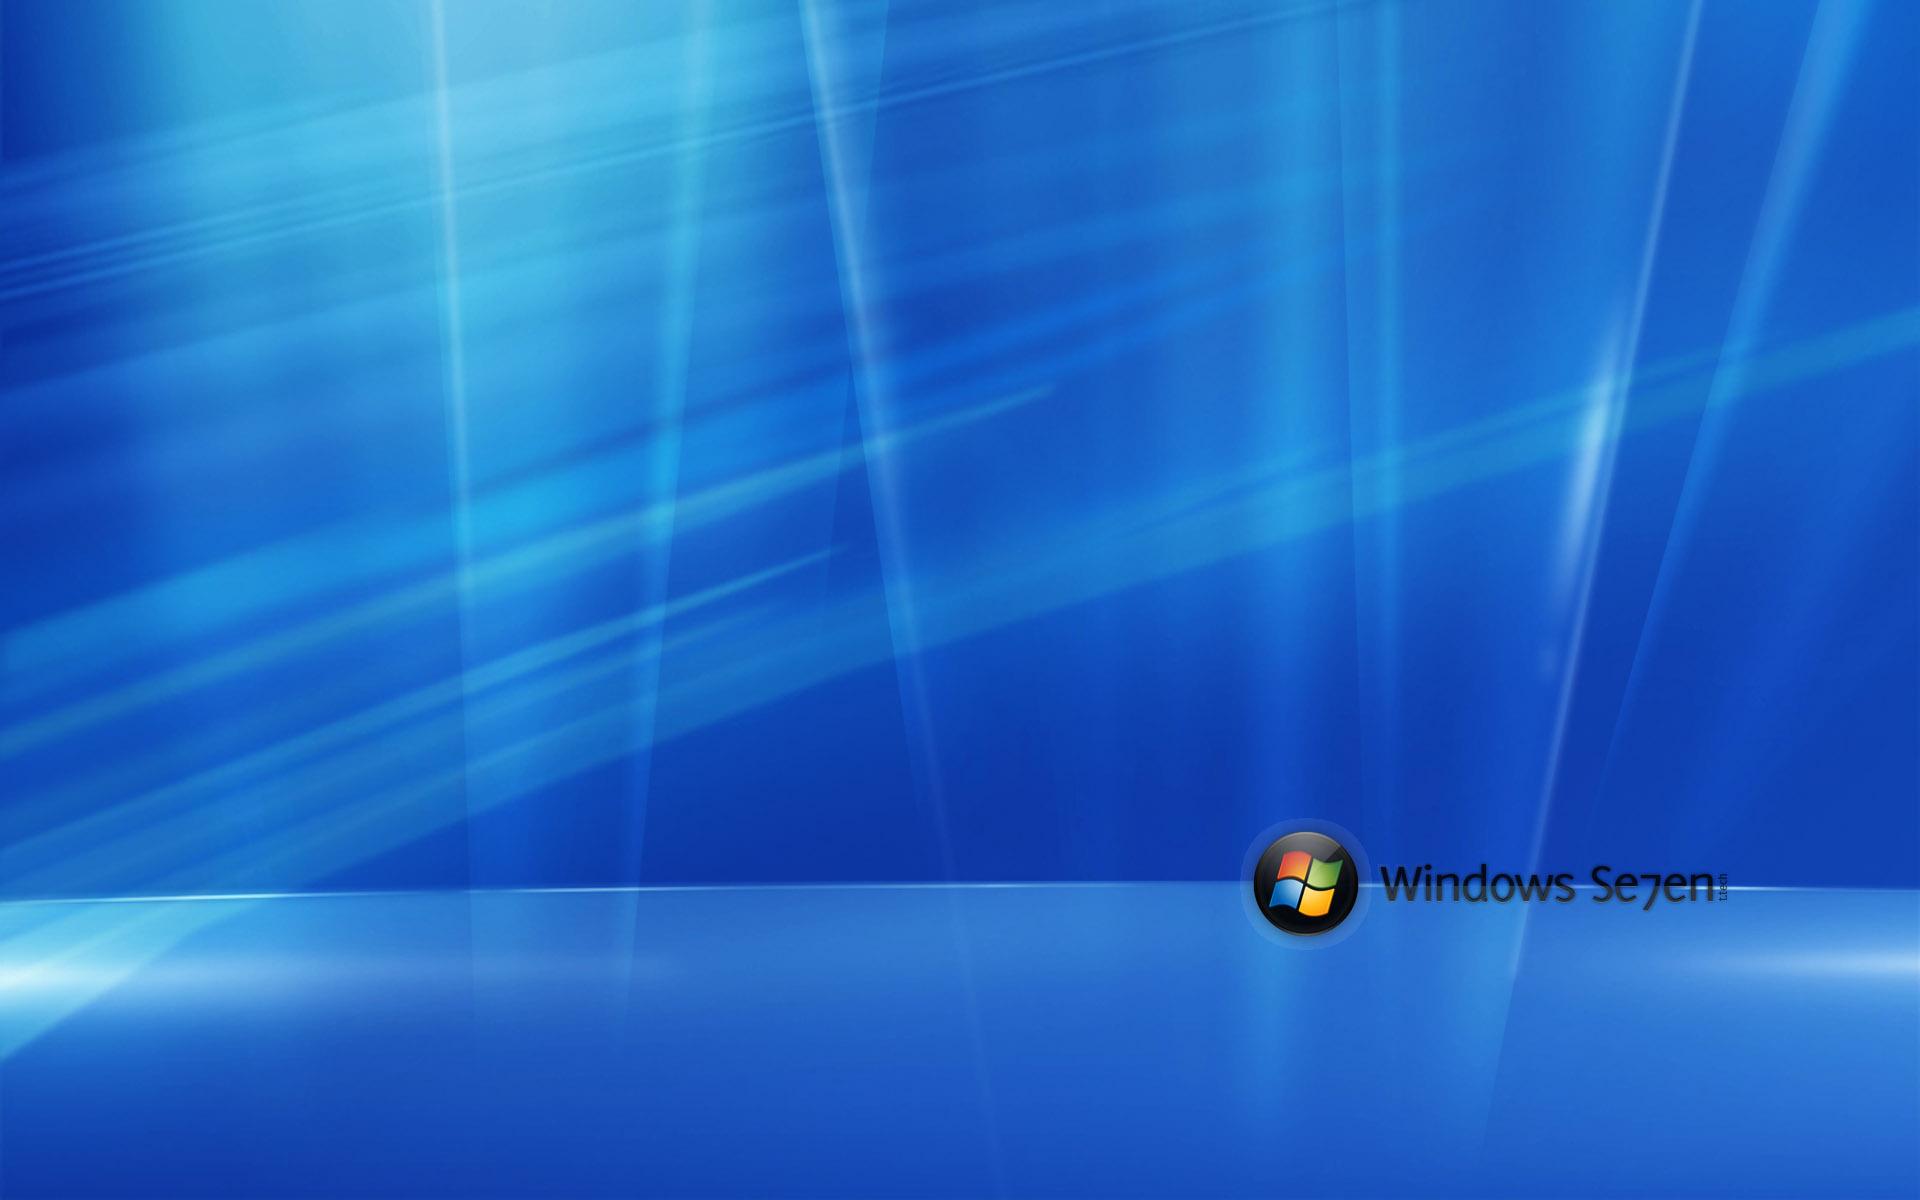 Clipart Fr Com Data Wallpaper Windows 7 Fond Ecran Wallpaper Windows